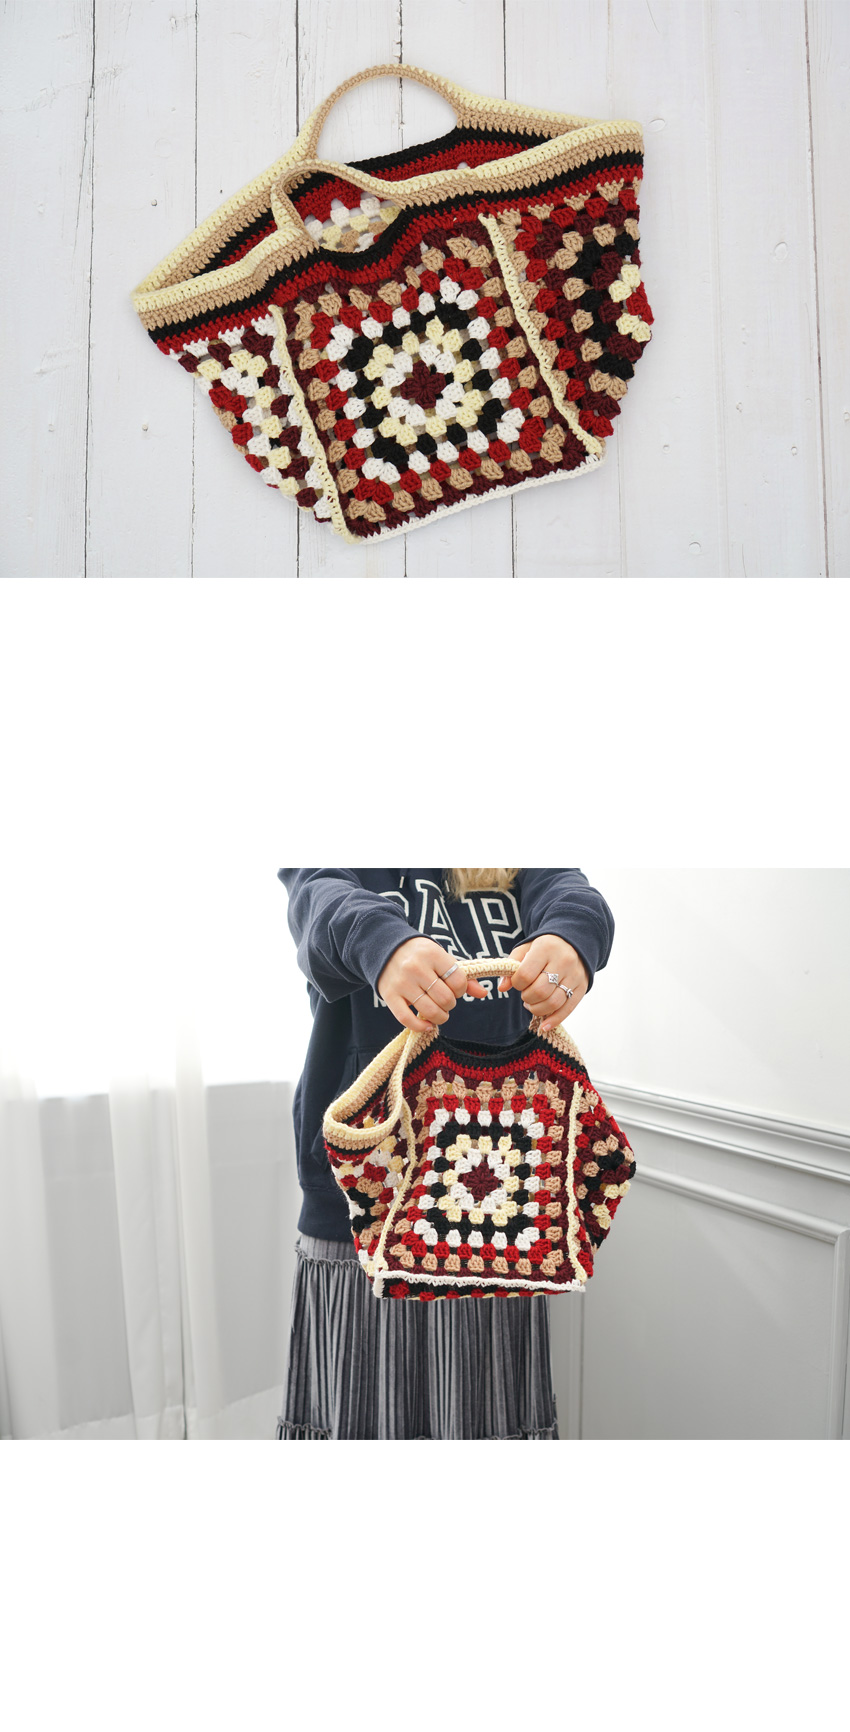 코바늘 키트 - 그레니 스퀘어백 - 슬로우모먼츠, 46,350원, 뜨개질, 소품 패키지